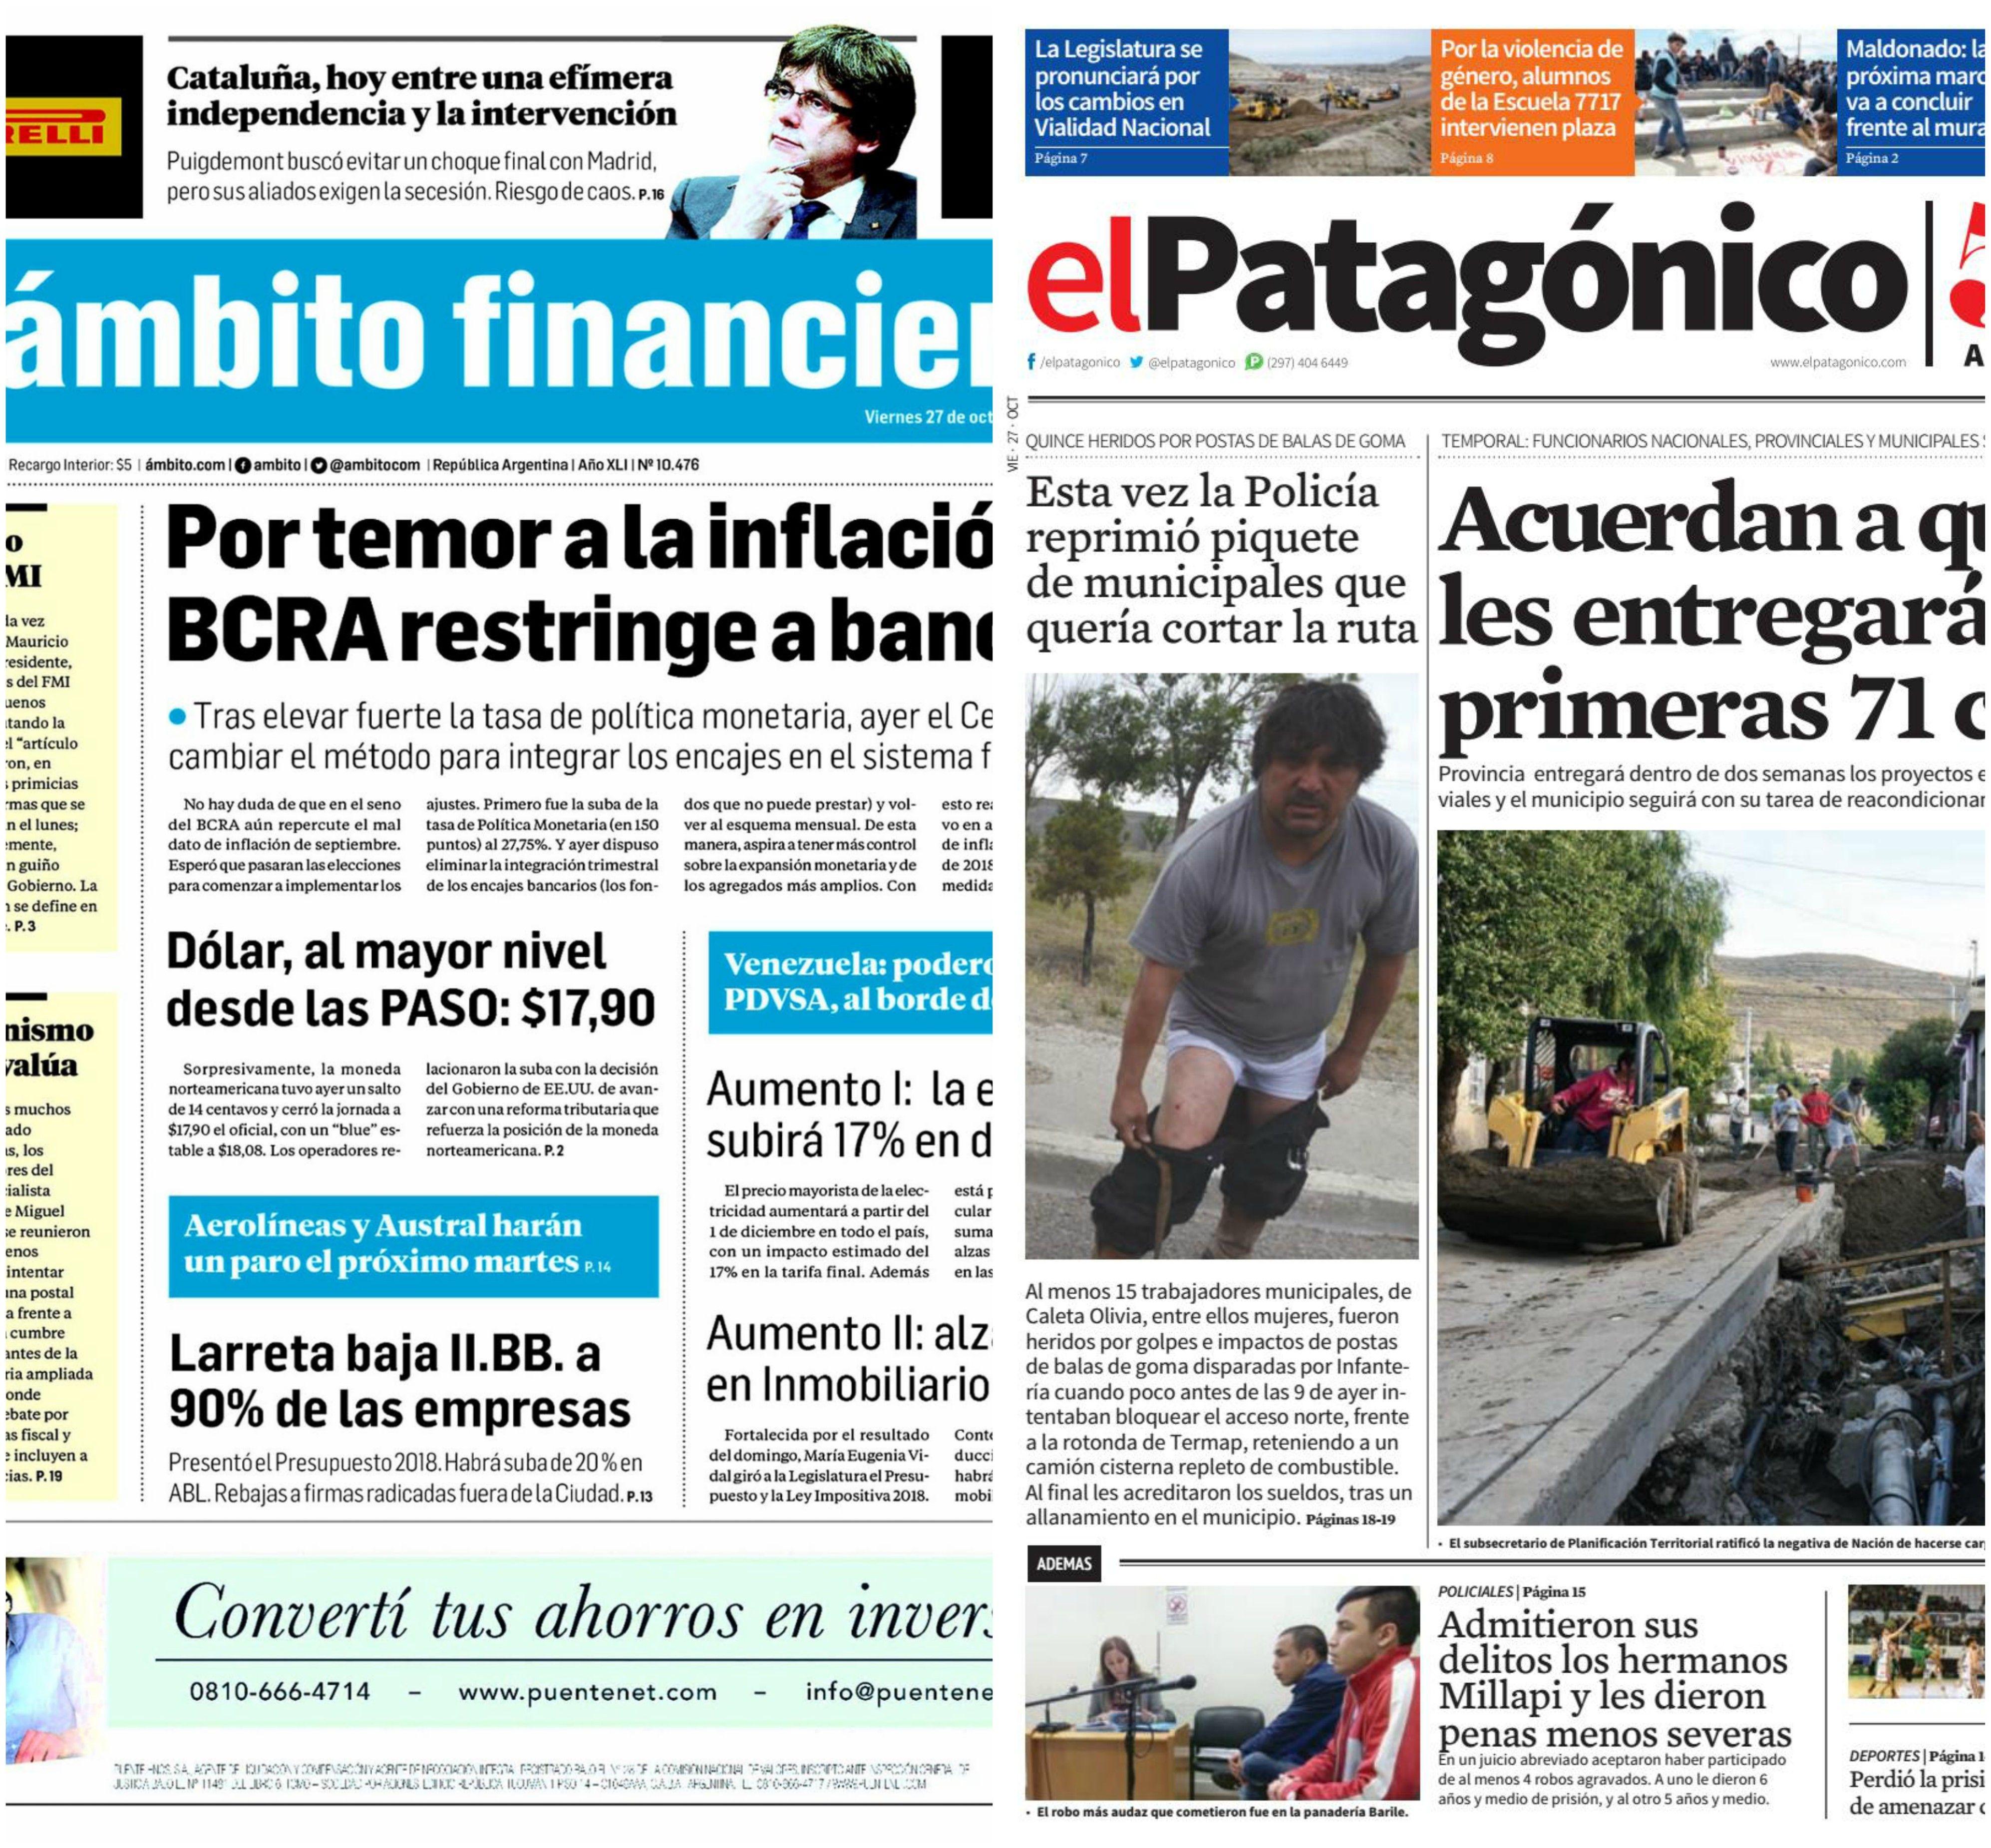 Tapas de diarios del viernes 27 de octubre de 2017